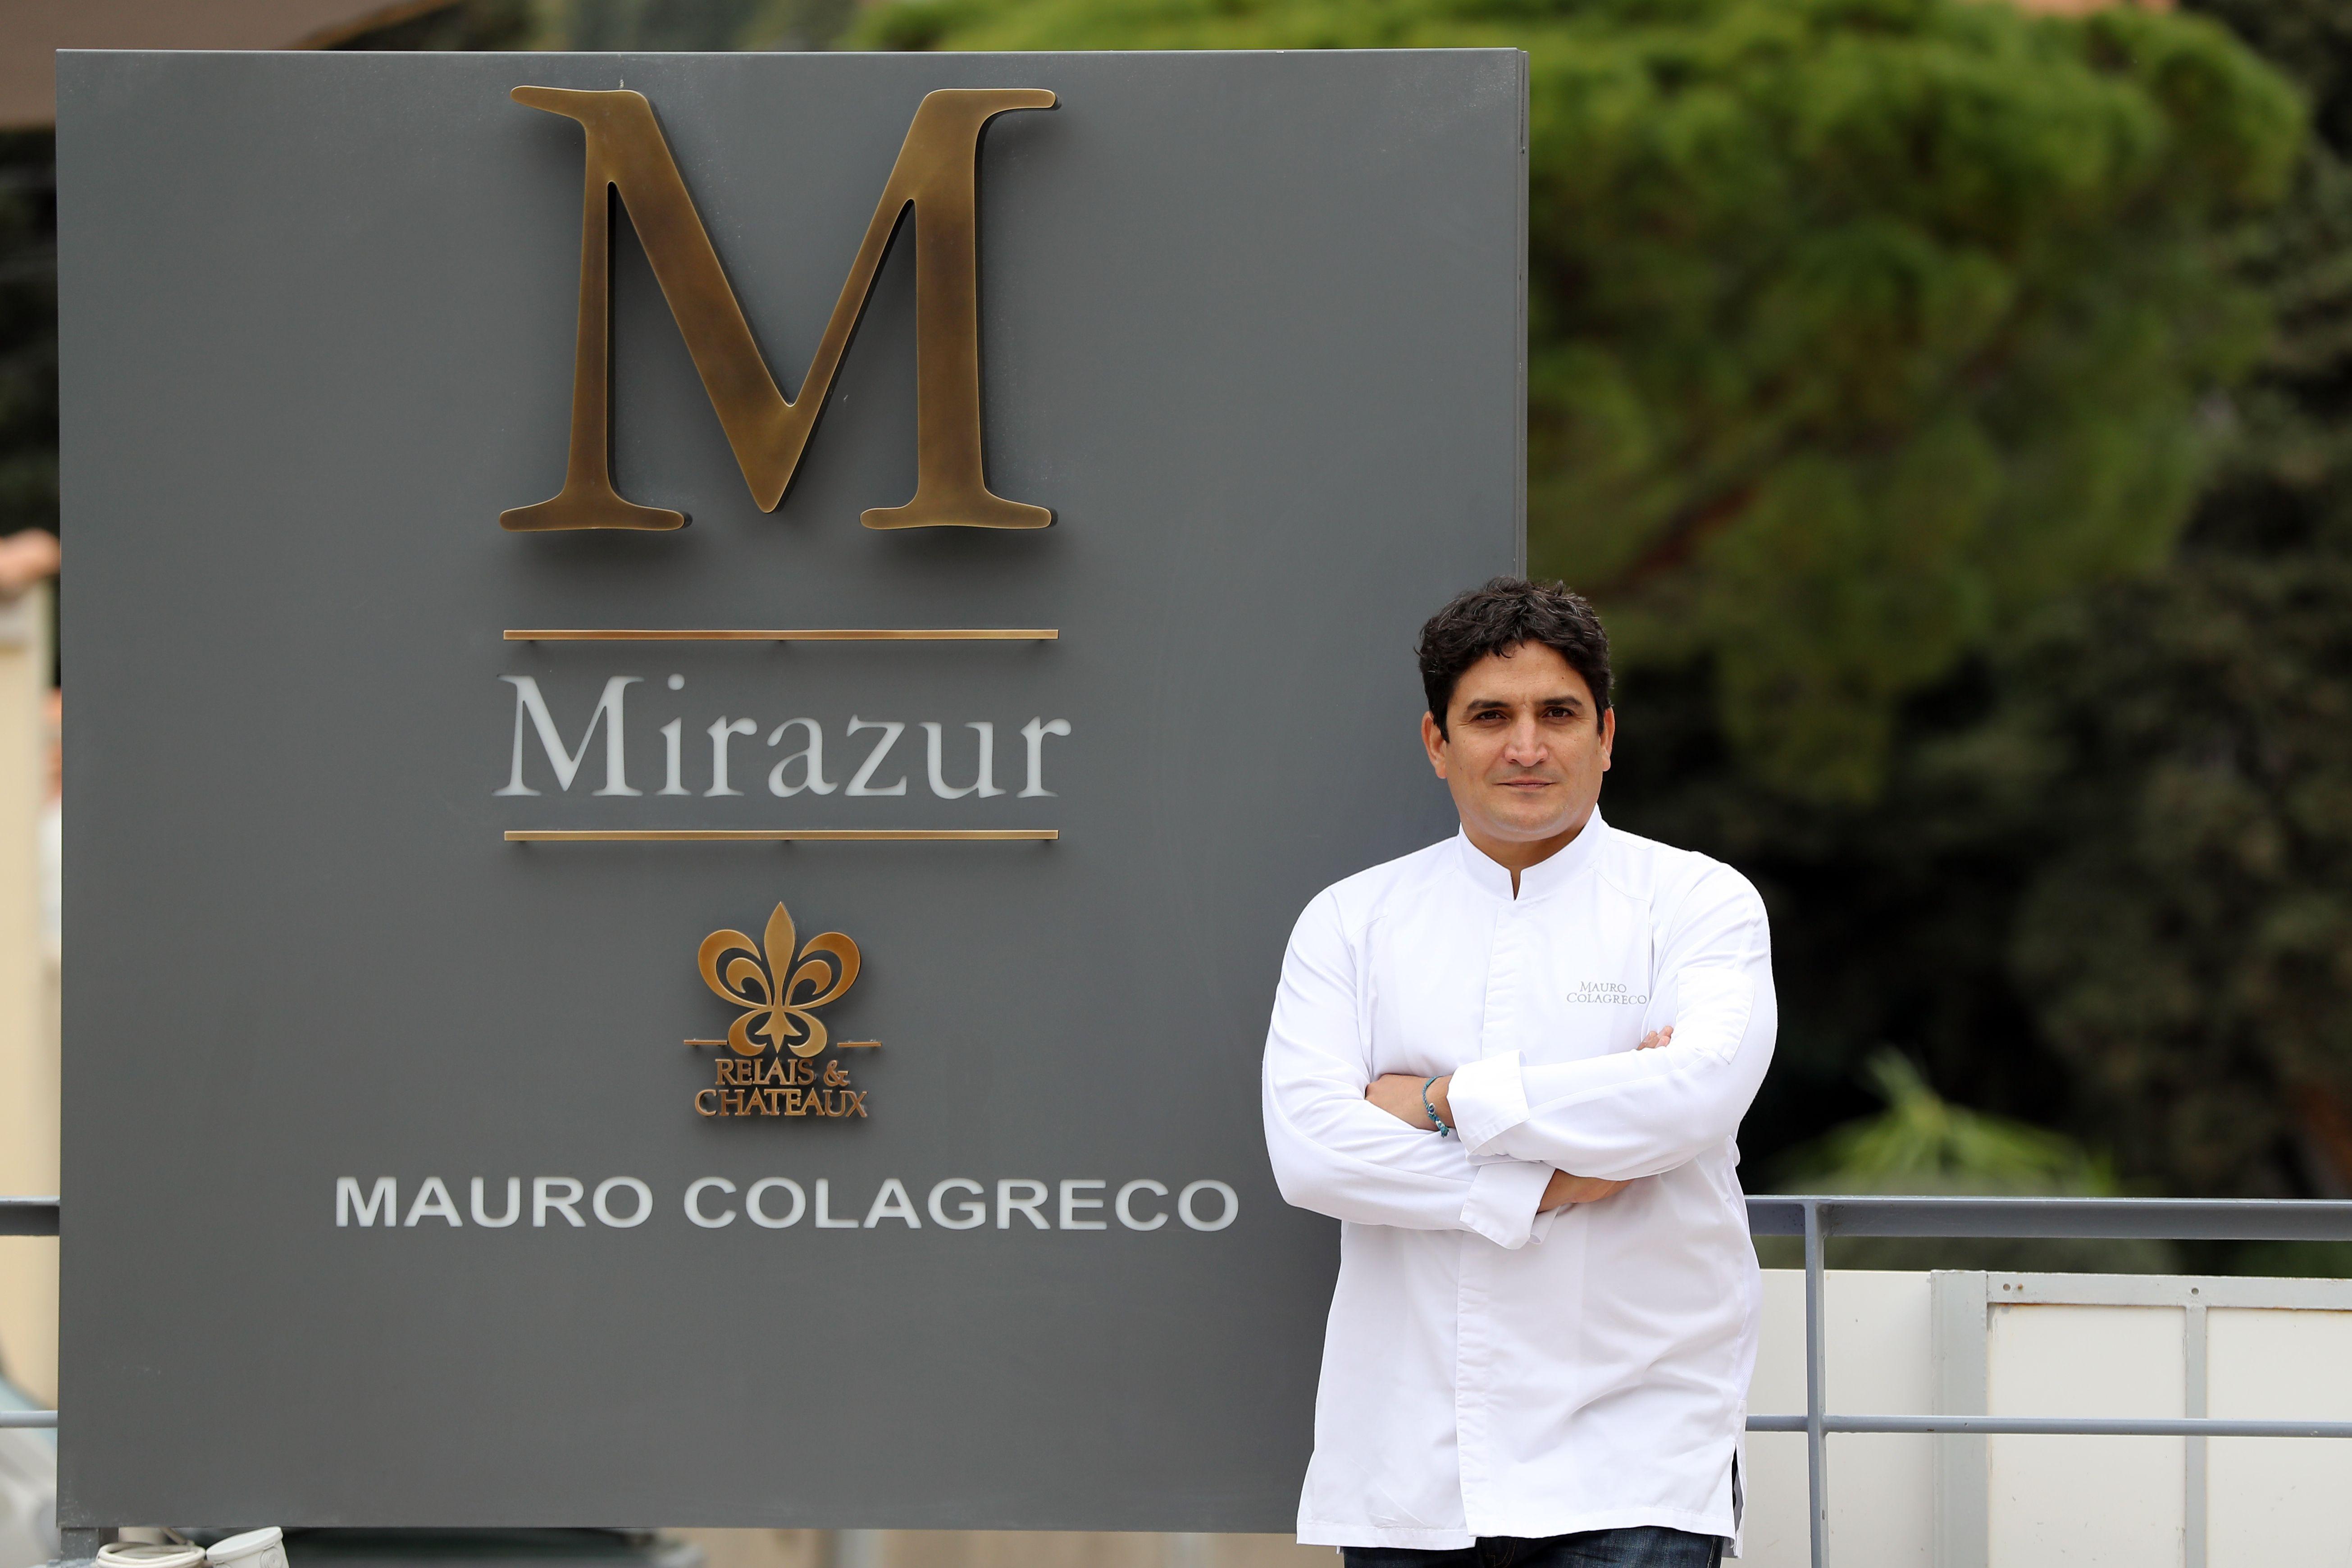 Mirazur Named 'World's Best Restaurant'